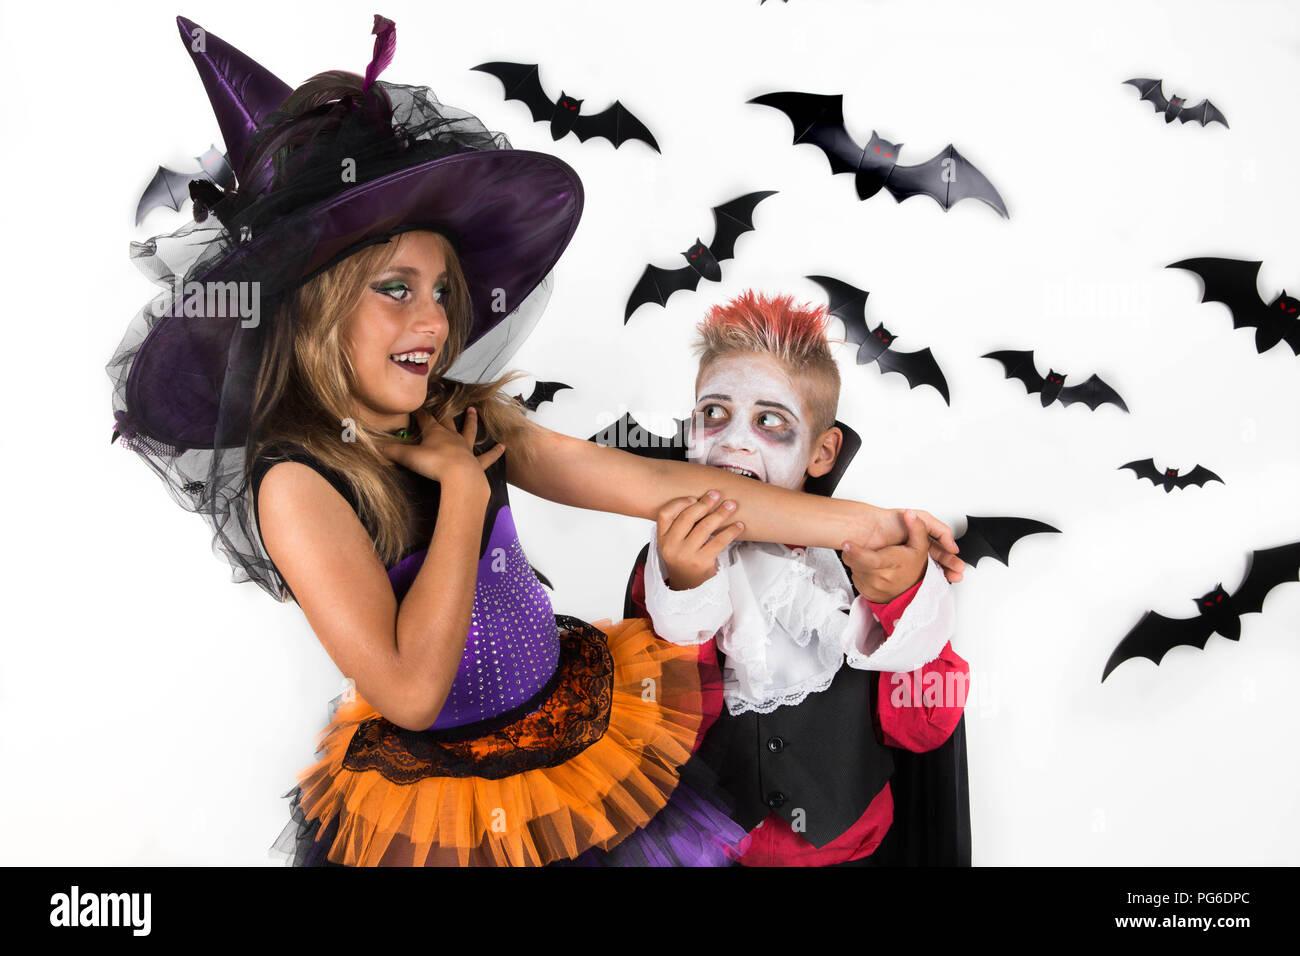 Les enfants font la fête Halloween en costumes de sorcière et de vampire. Vampire fait semblant de mordre le bras de la sorcière et elle sourit en réponse. Photo Stock